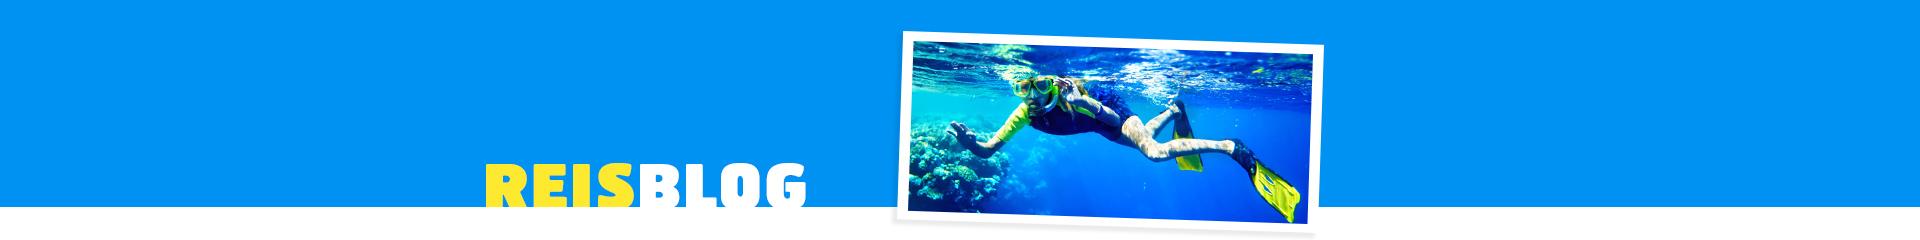 Foto van een persoon aan het snorkelen in de zee van Egypte